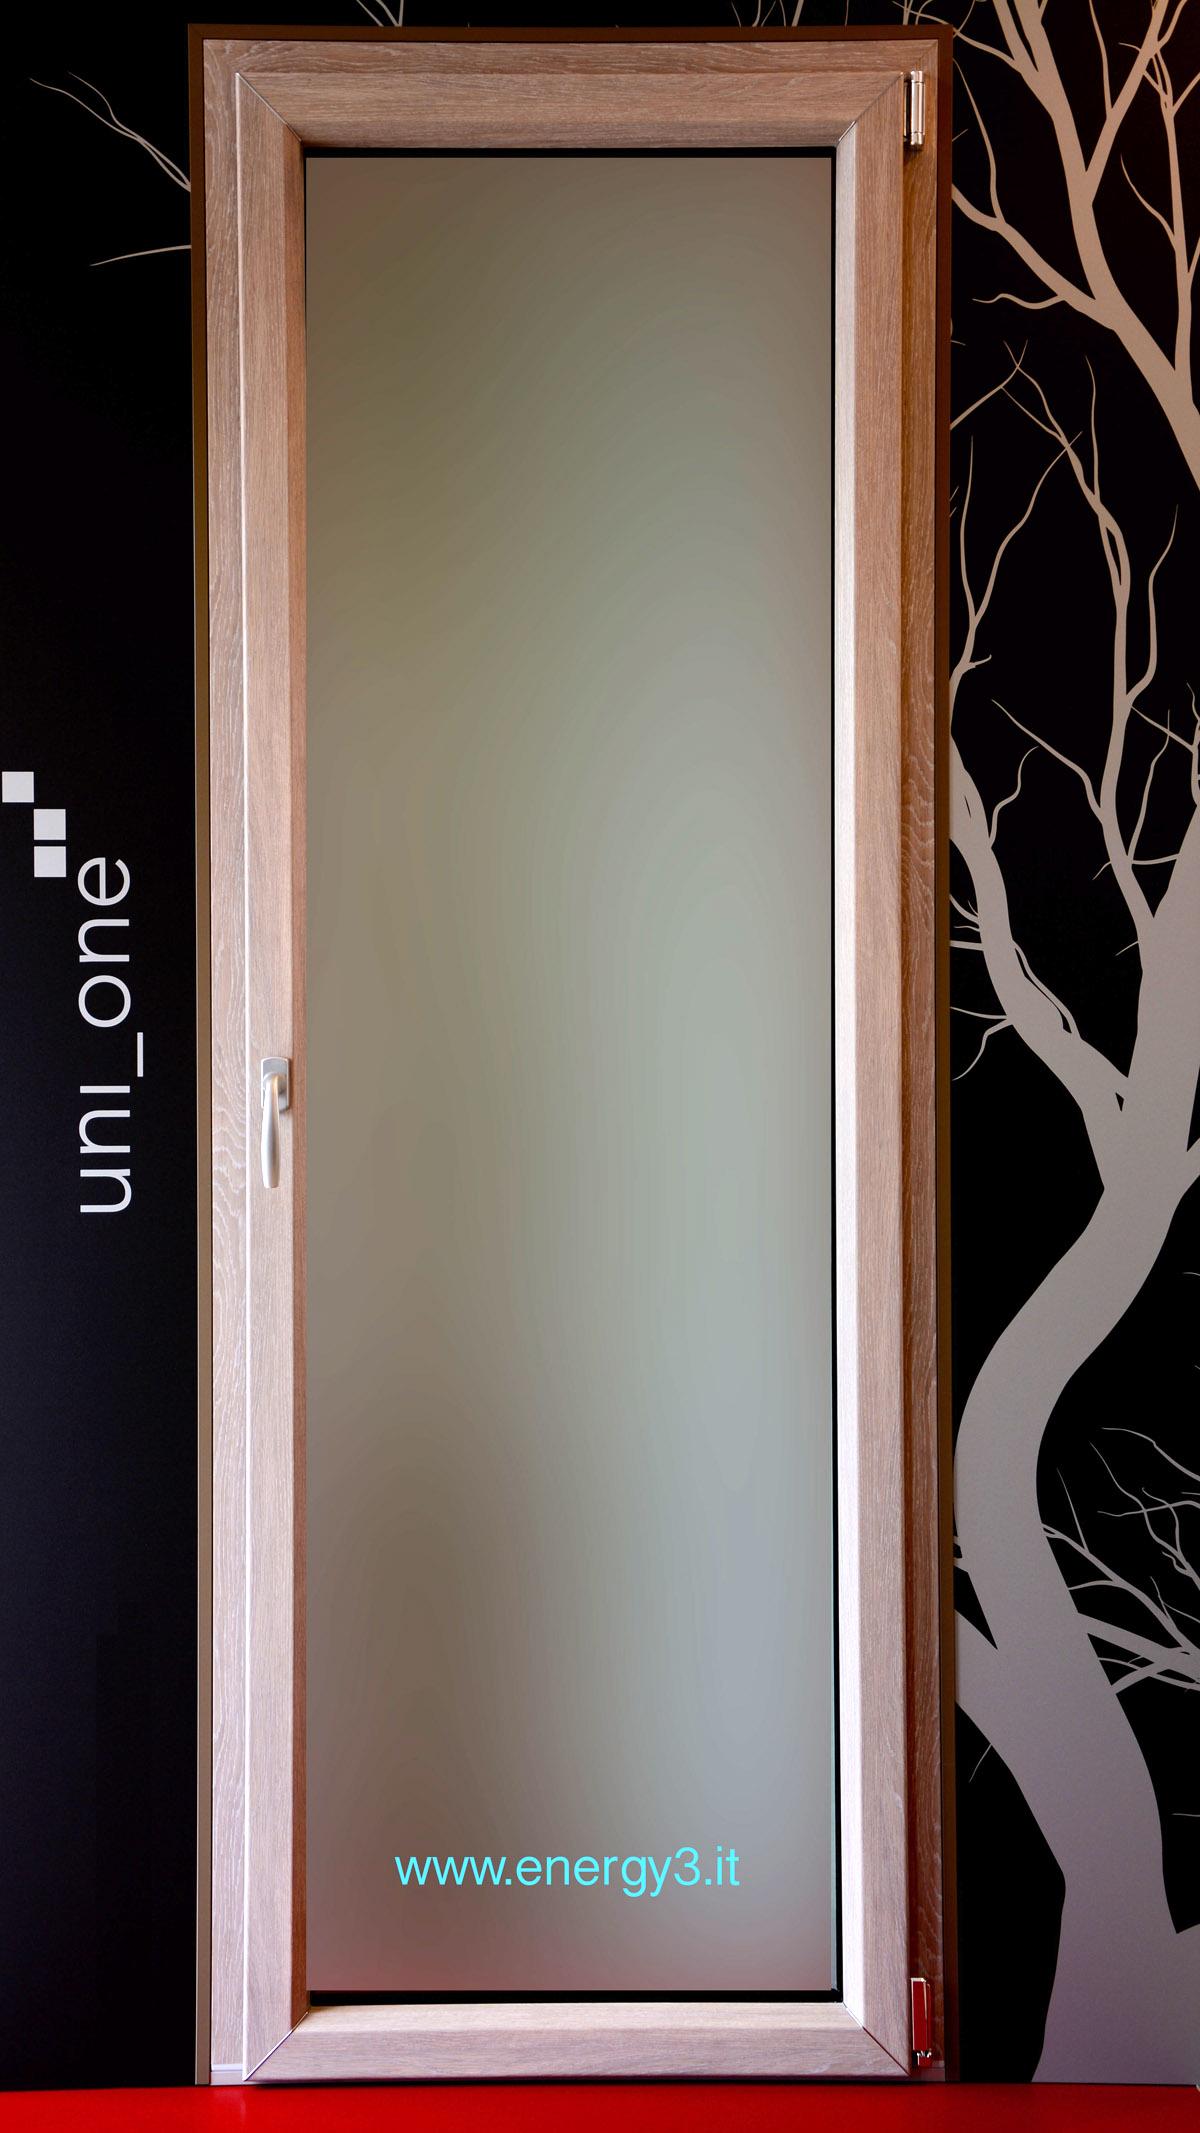 Finestre in legno alluminio energy3 energy3 - Porta finestra alluminio ...